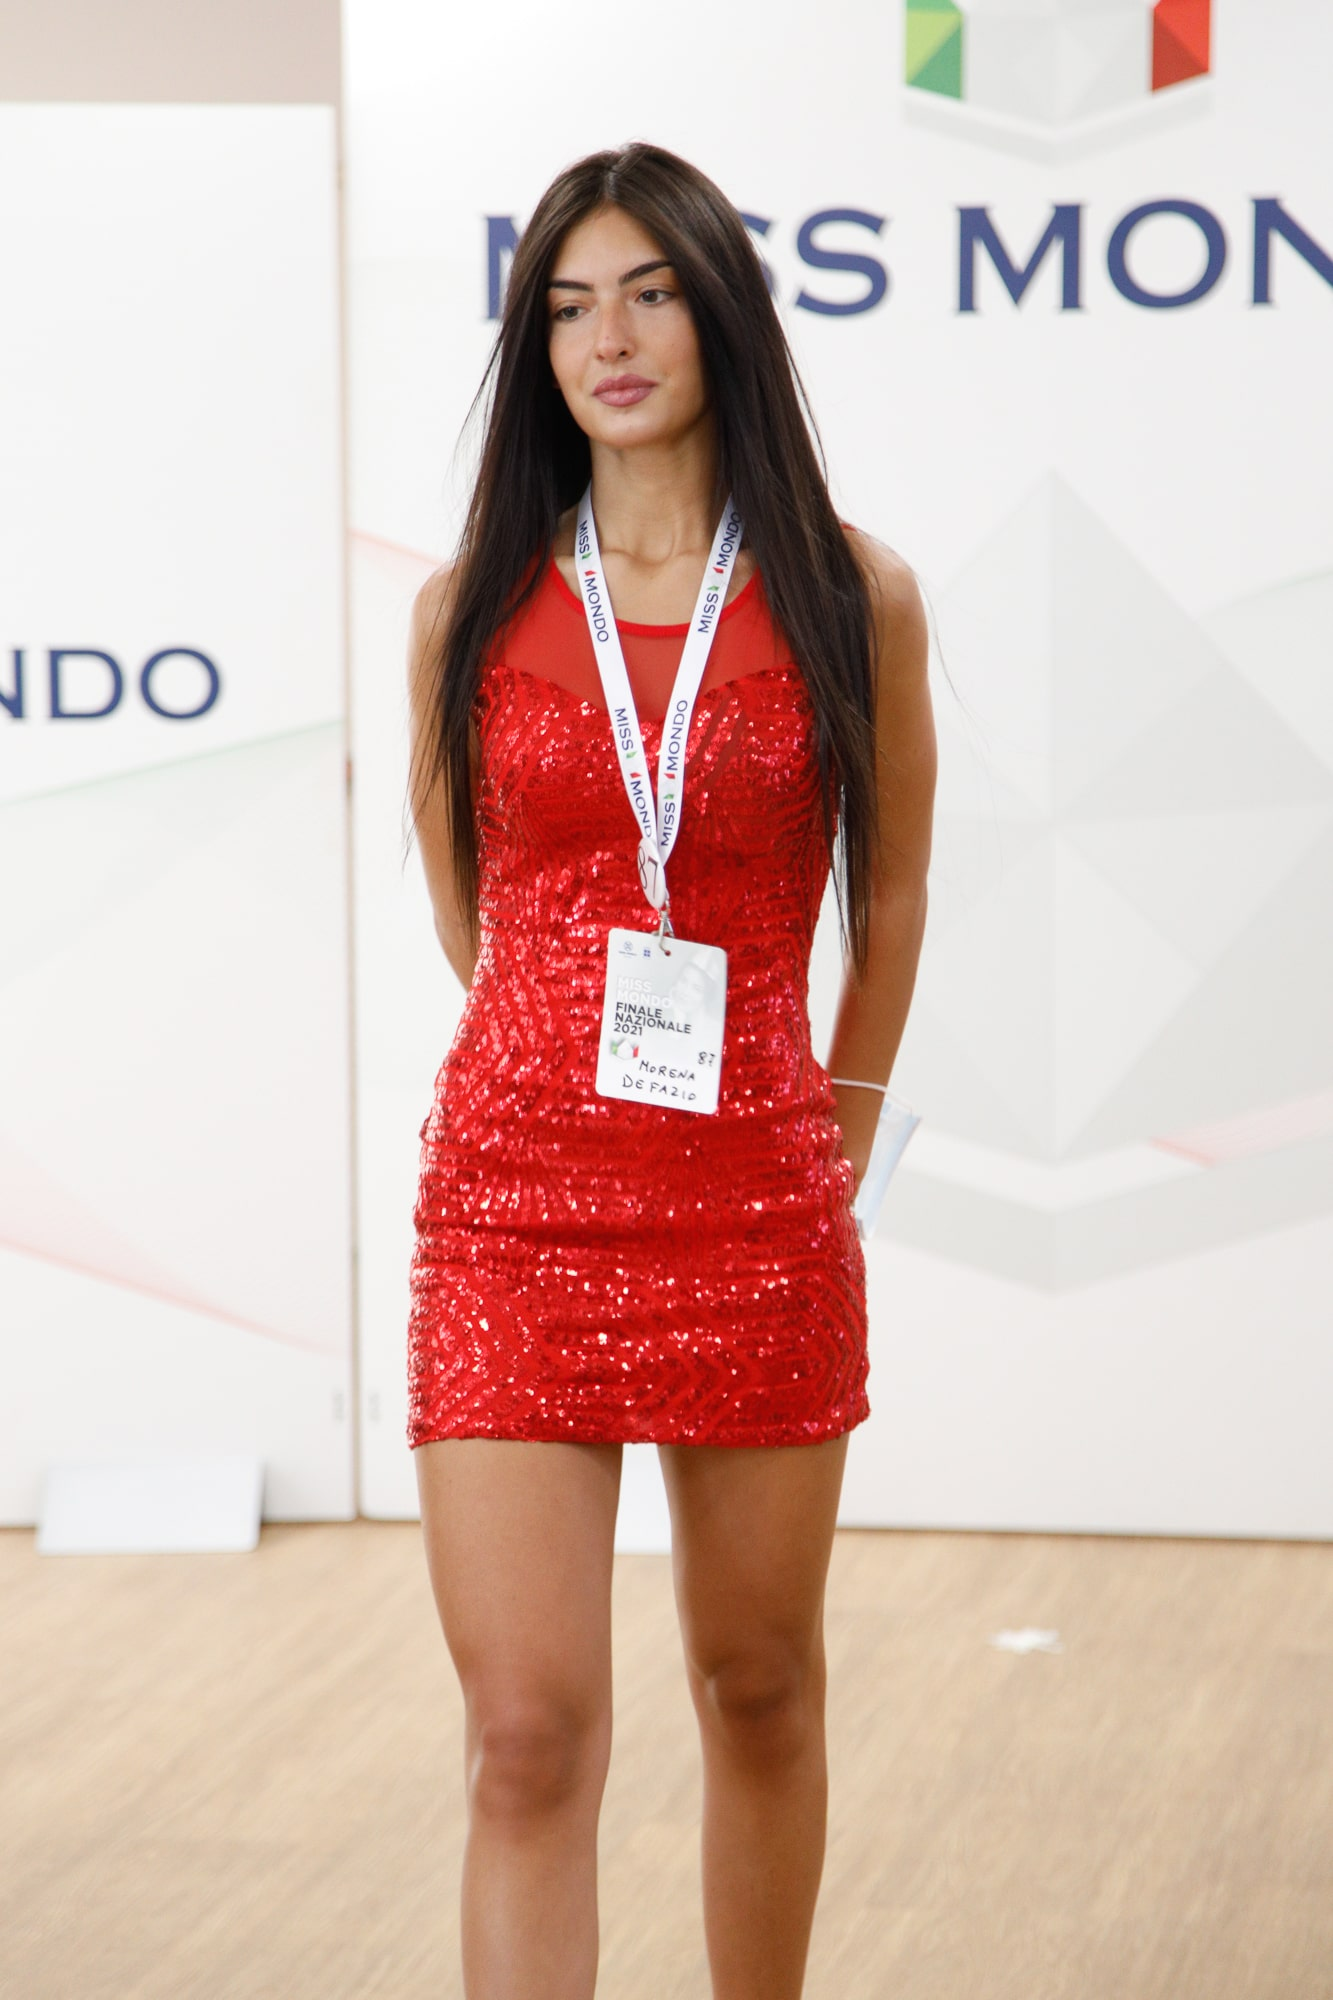 Terzo passaggio giuria per le ragazze di Missmondo Italia 2021 - 19